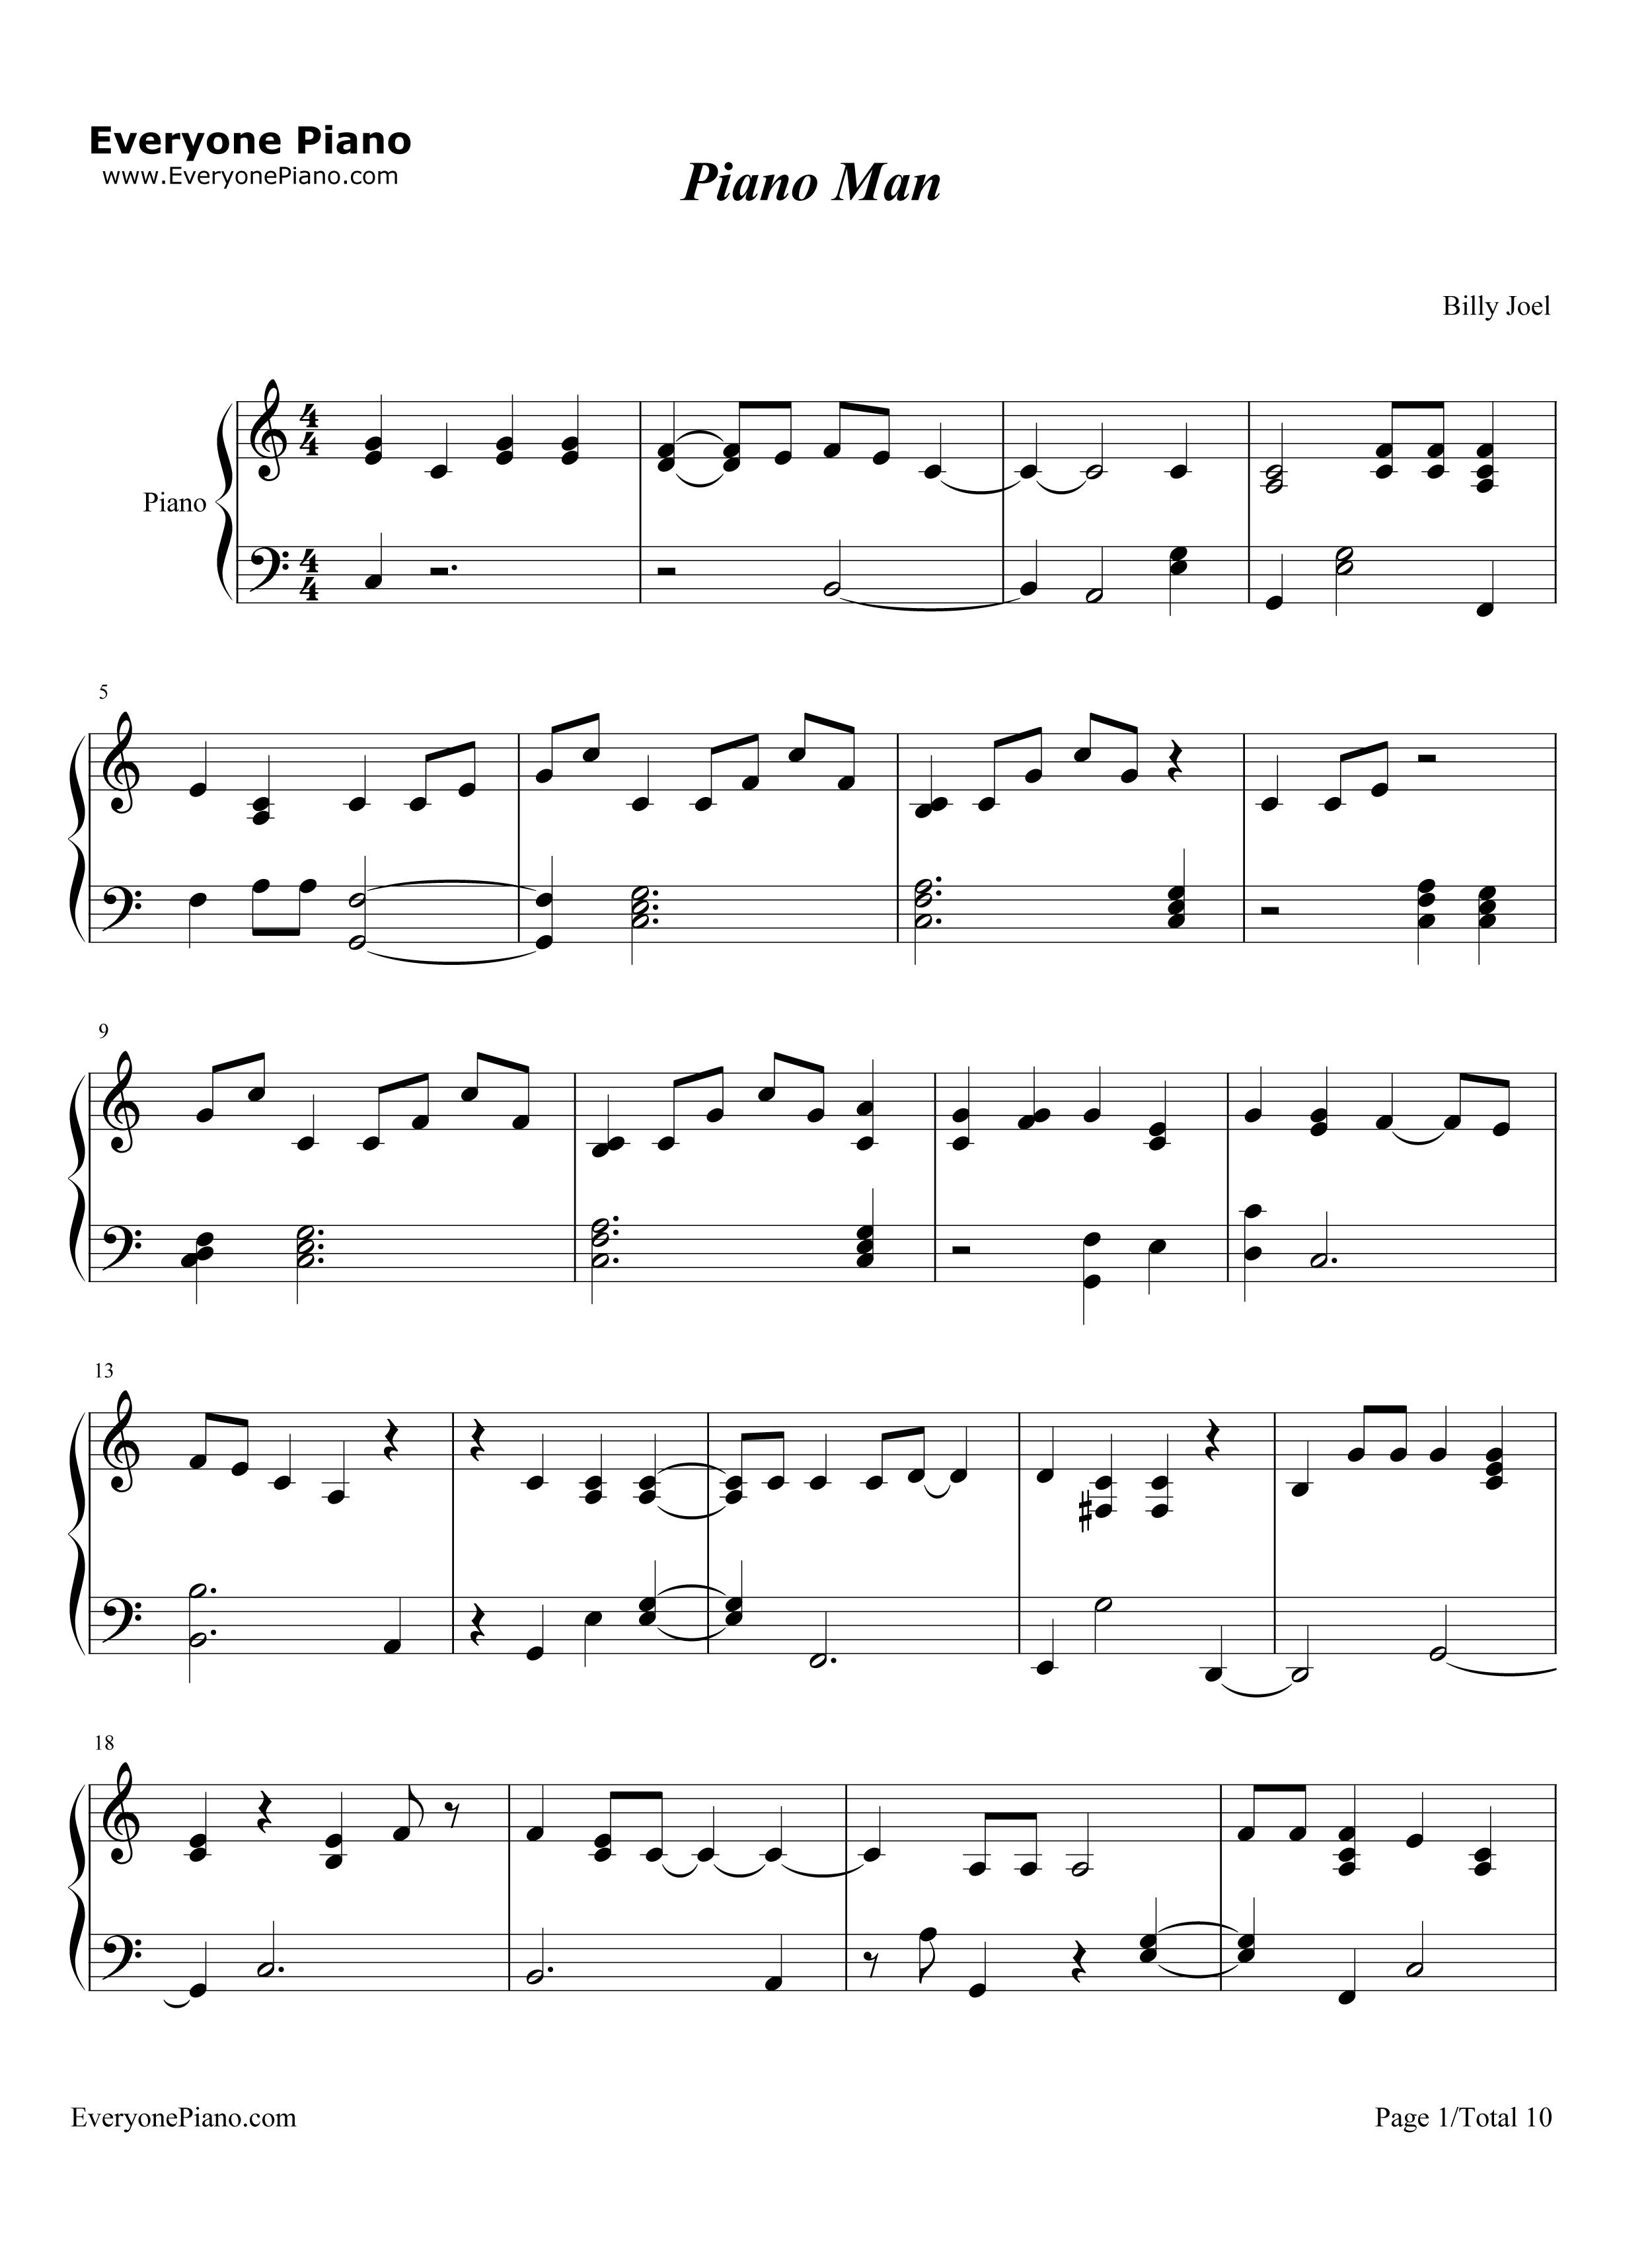 ピアノ マン ジョエル ビリー